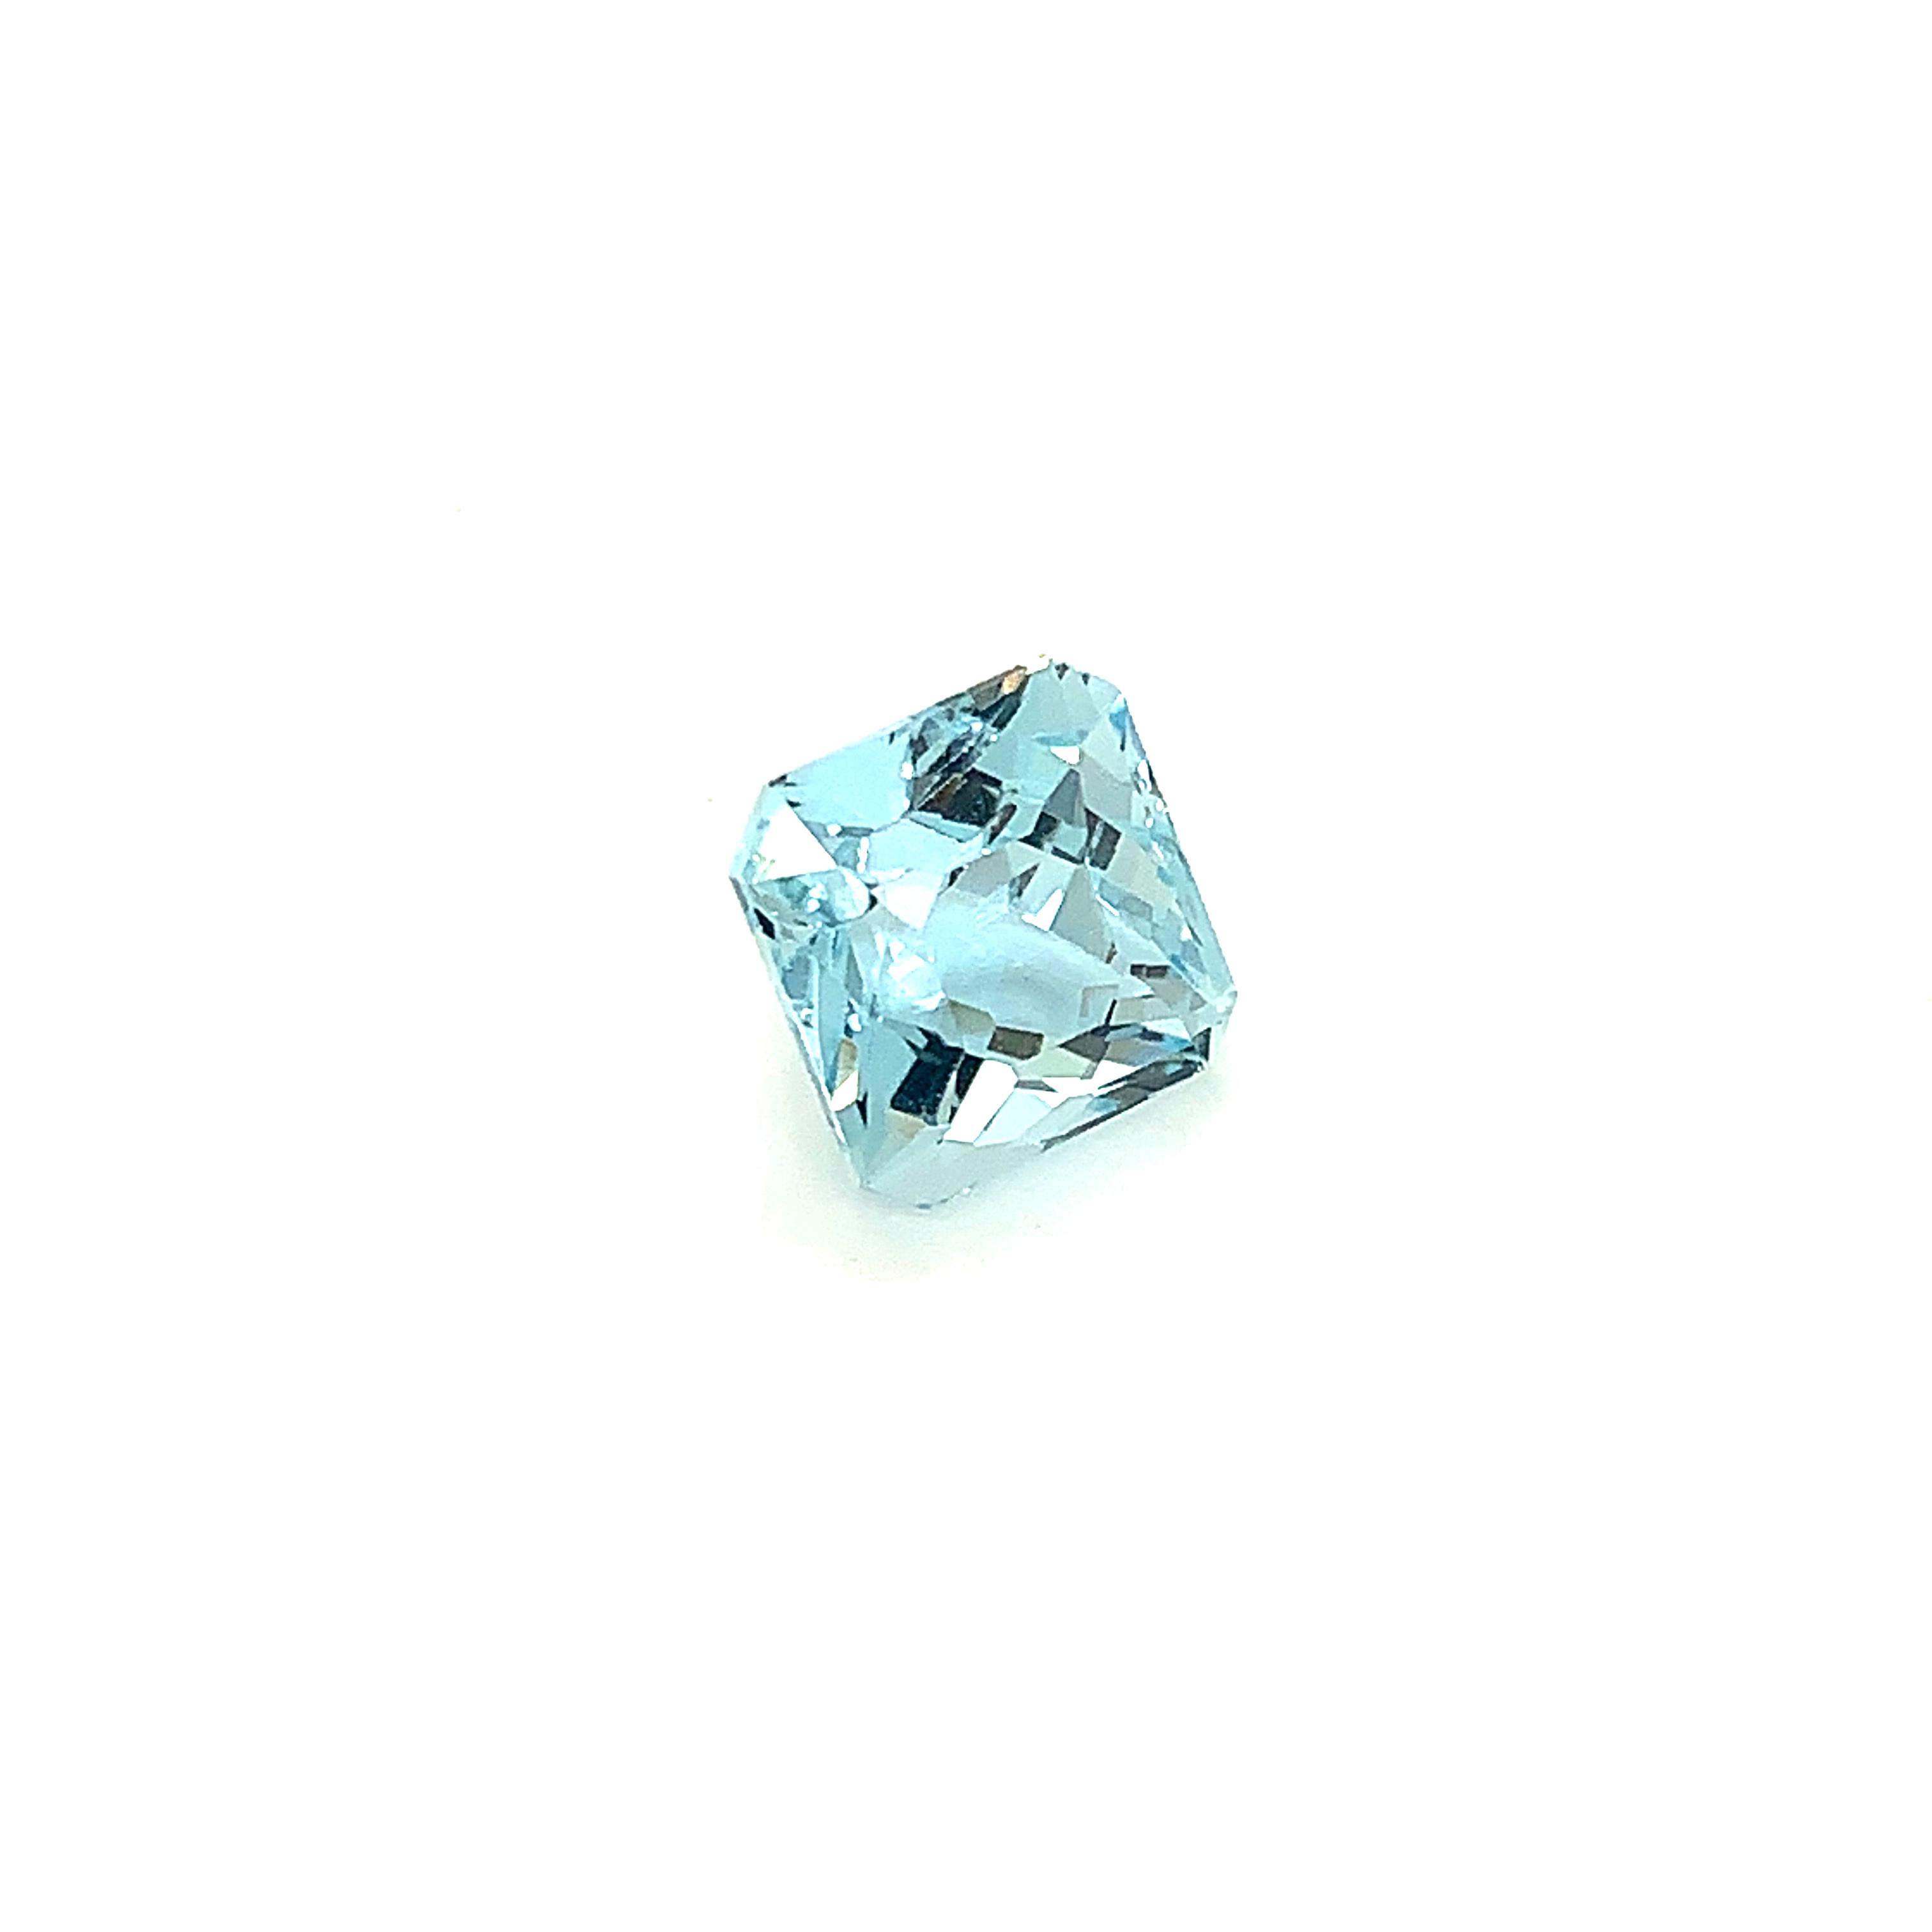 Cushion Cut Engagement Ring Arcadia Aquamarine Rose Gold   _image3